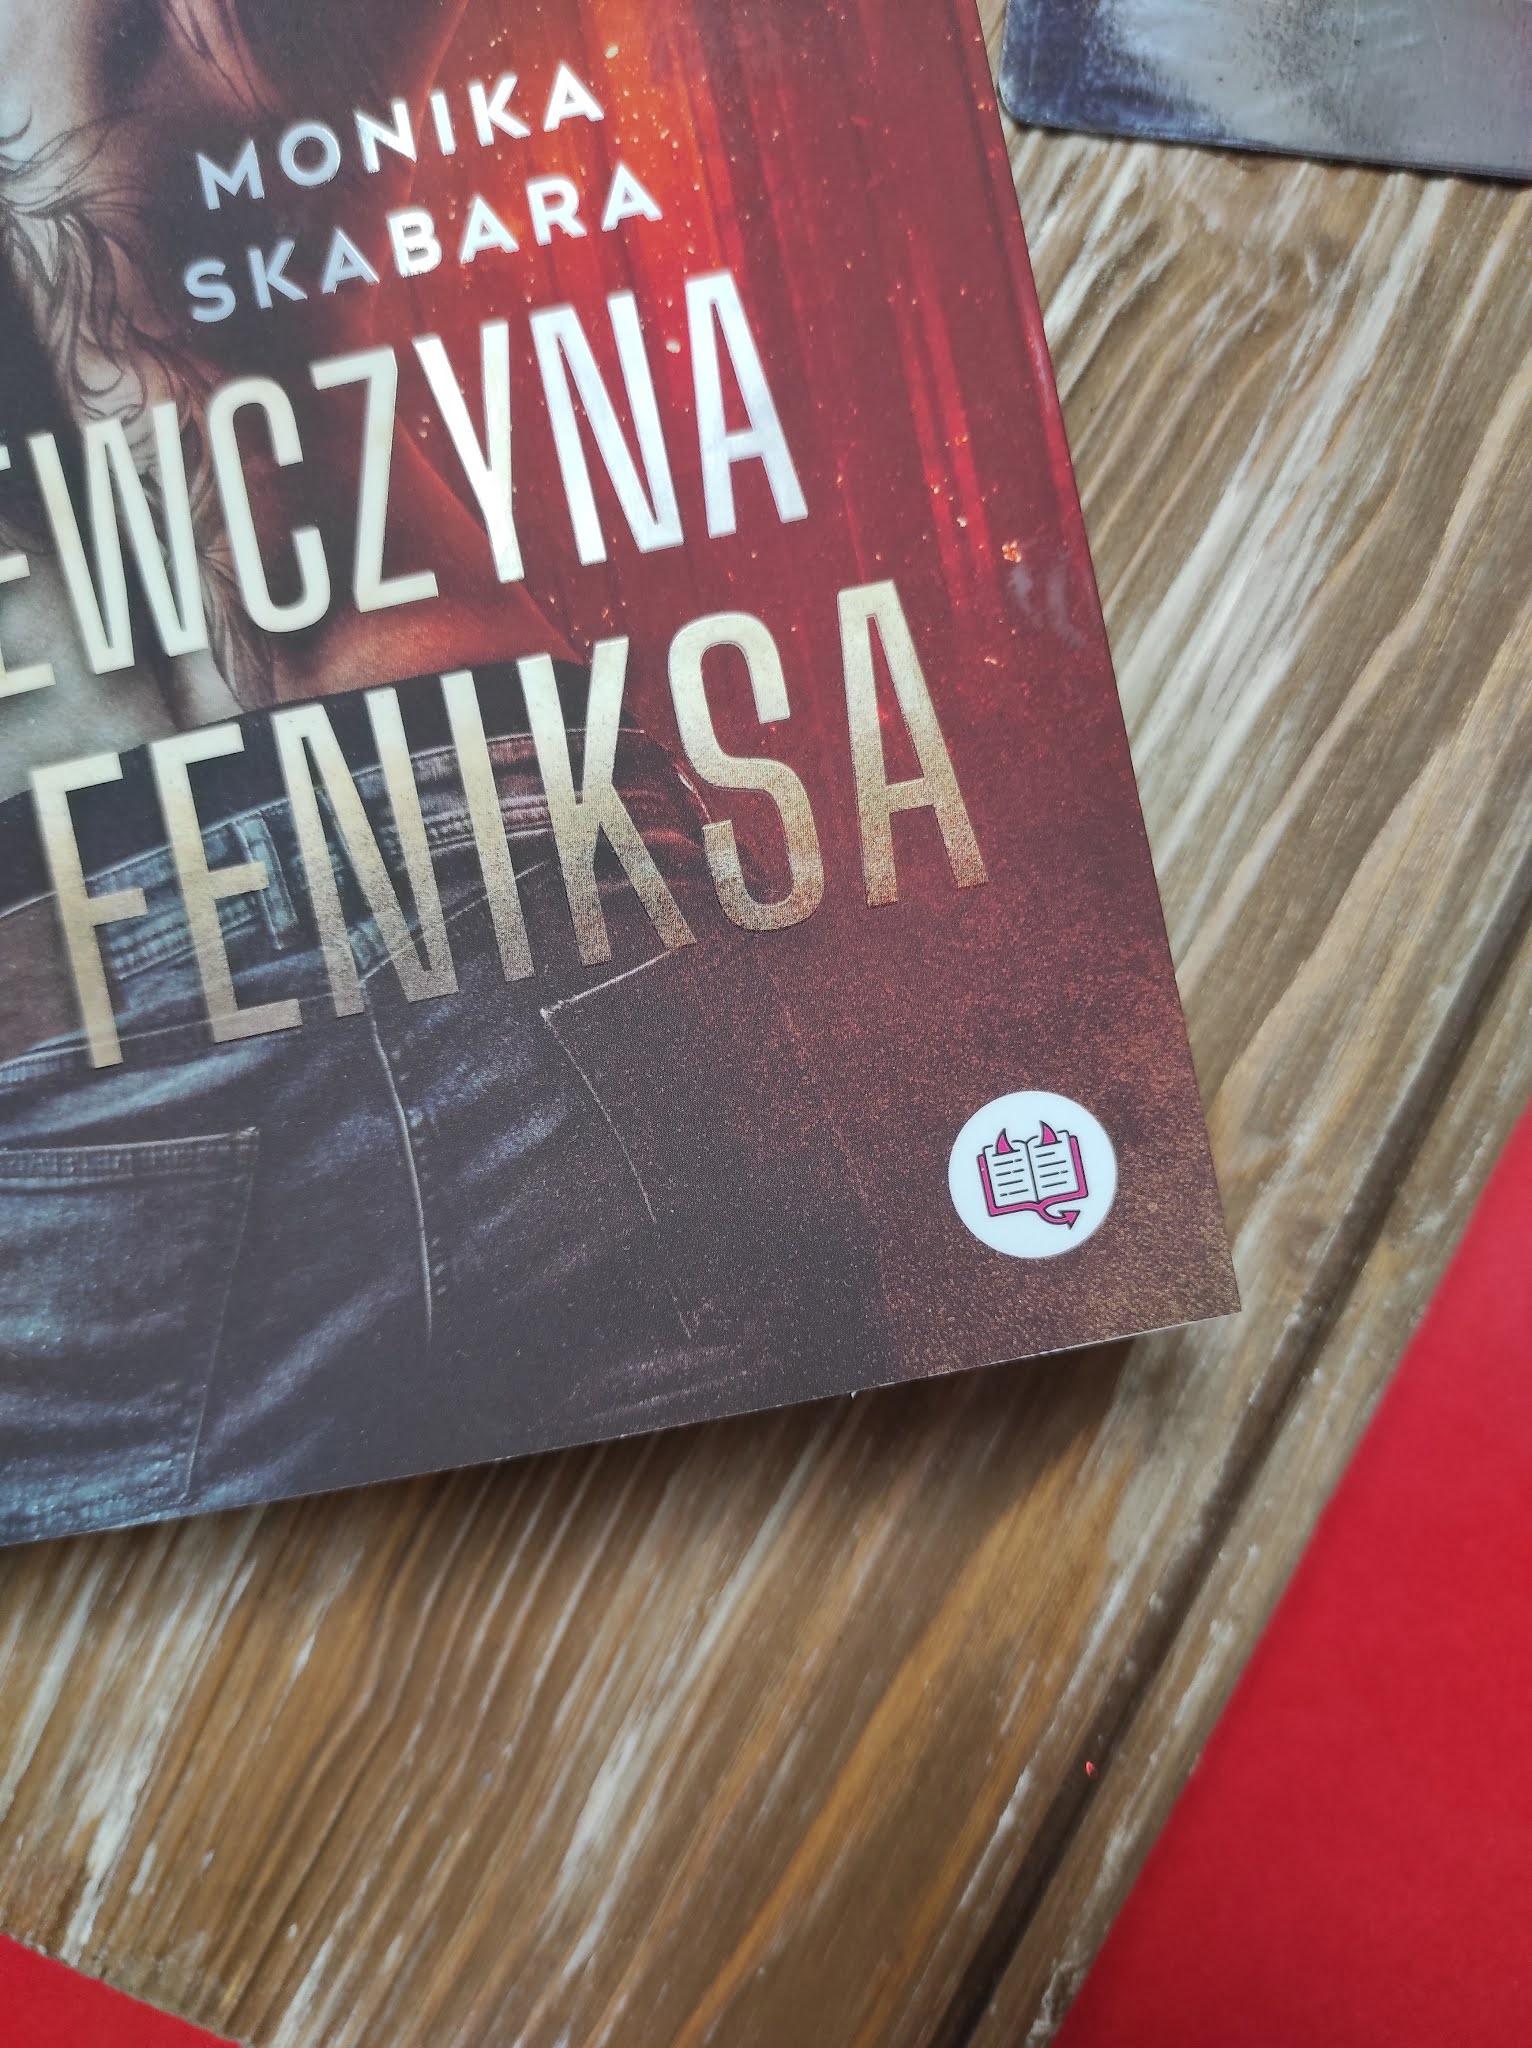 """""""Dziewczyna feniksa"""" Monika Skabara  - recenzja - Patronat Medialny"""